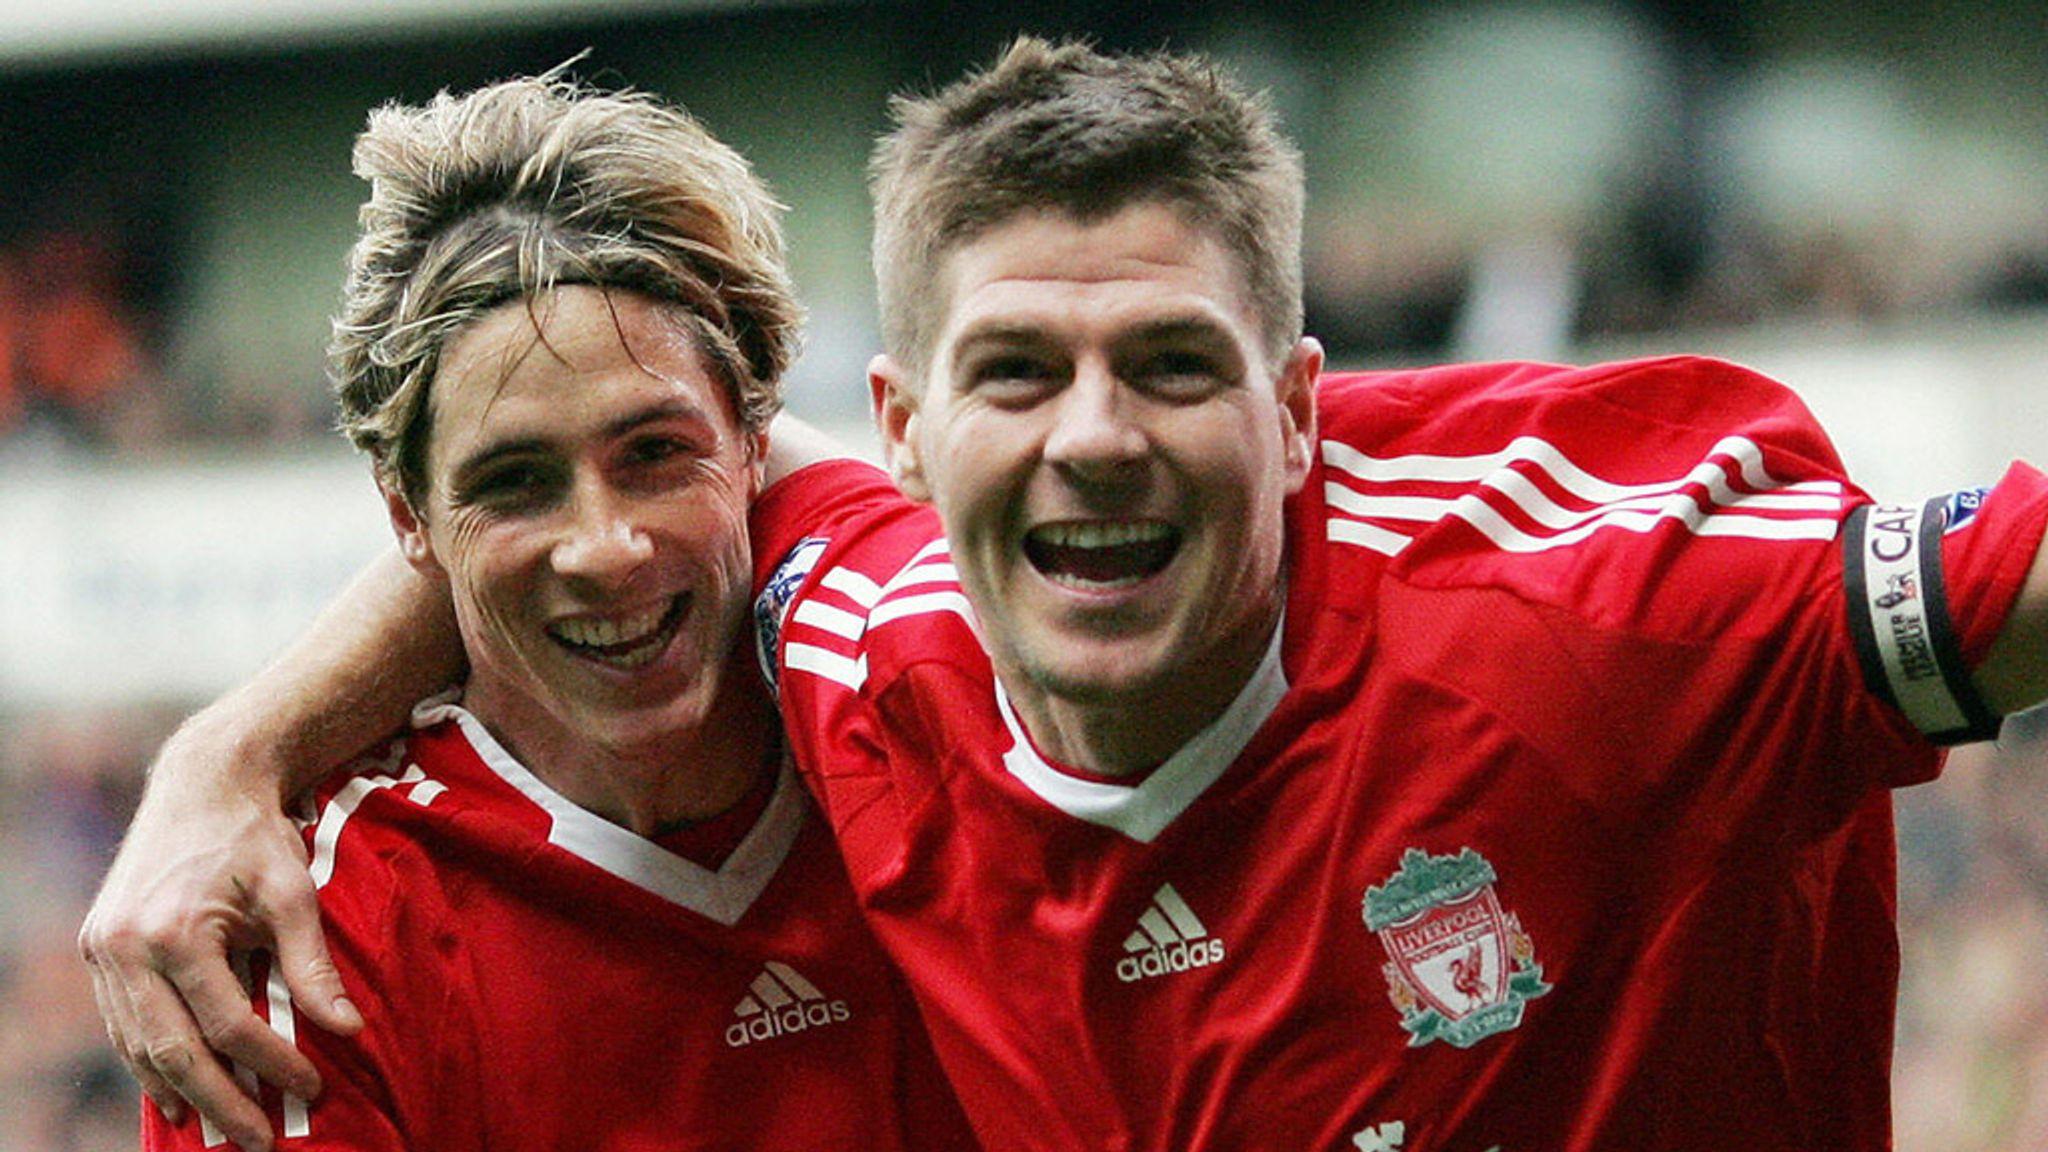 Steven Gerrard: Torres broke my heart when he left for Chelsea